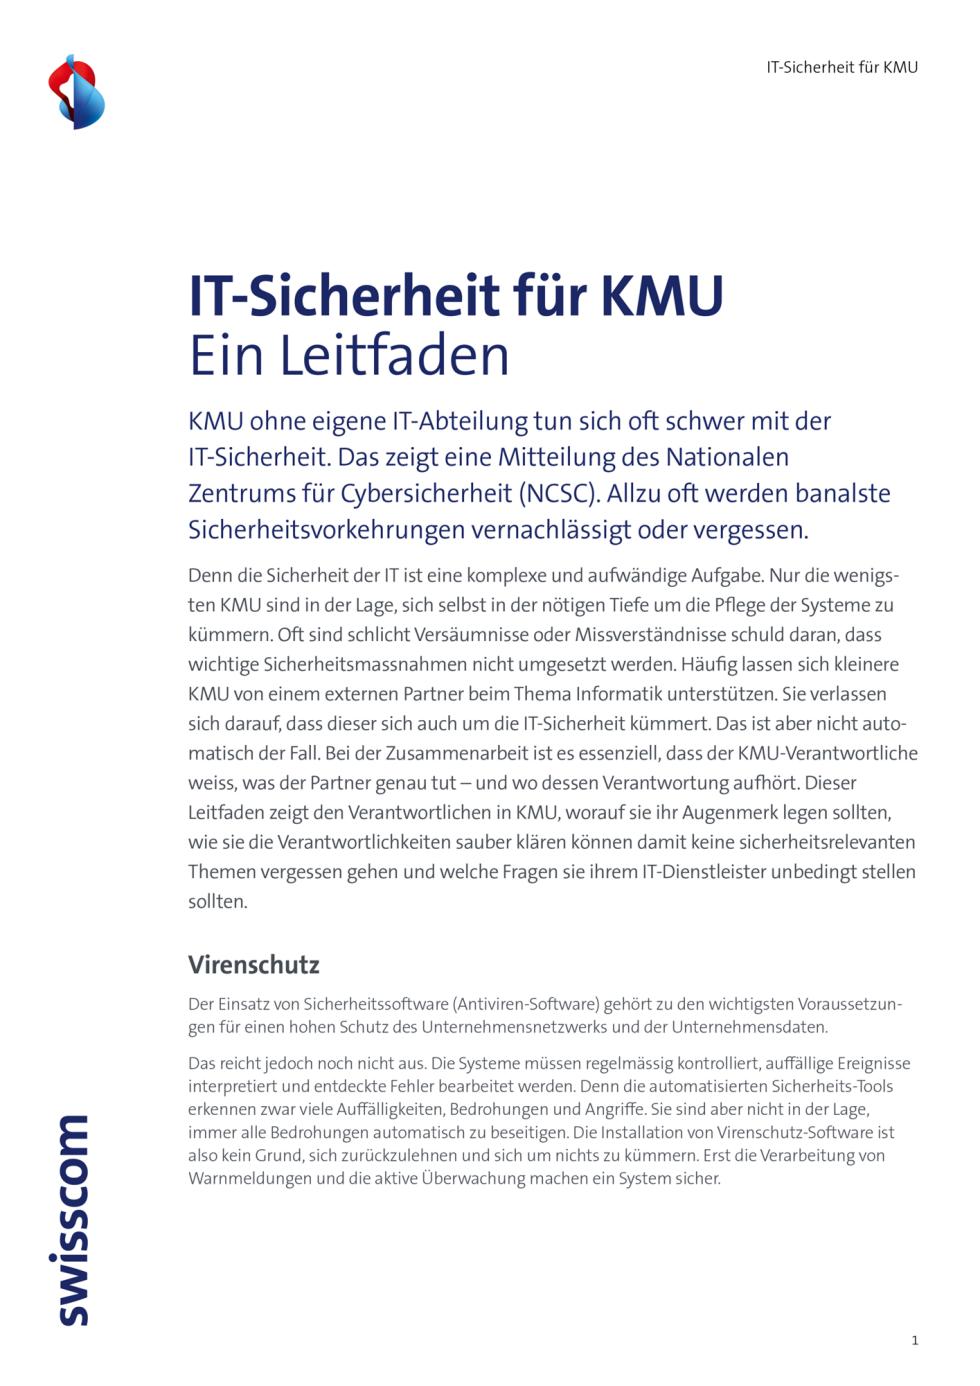 B2C-Swisscom-Leitfaden-IT-Sicherheit-KMU-2020-GER-v3.indd